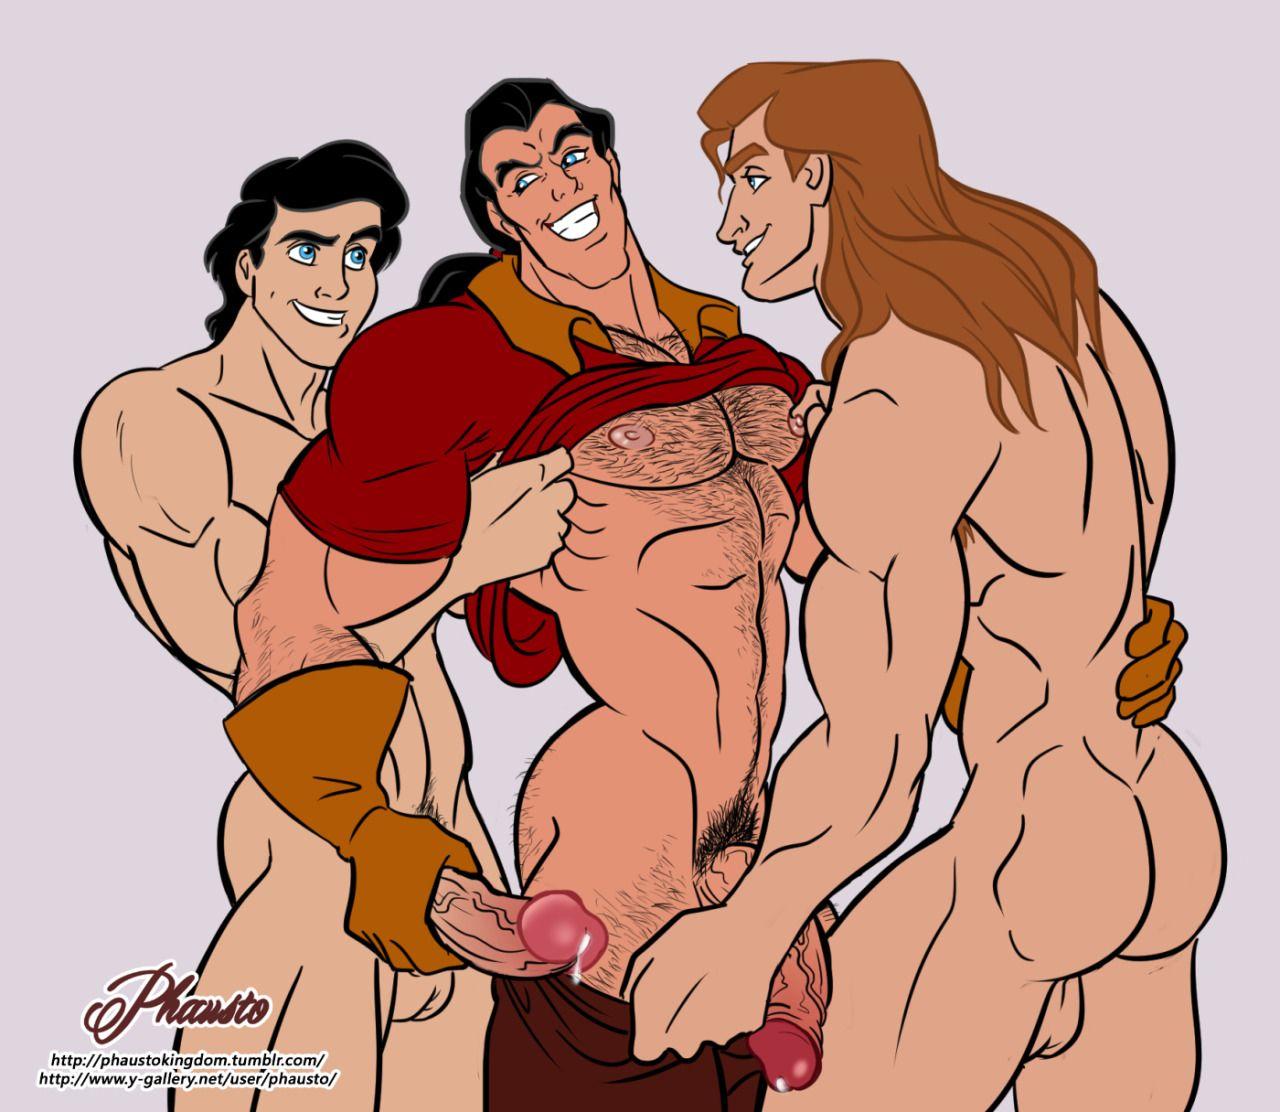 from Mohammed gay disney cartoon porn